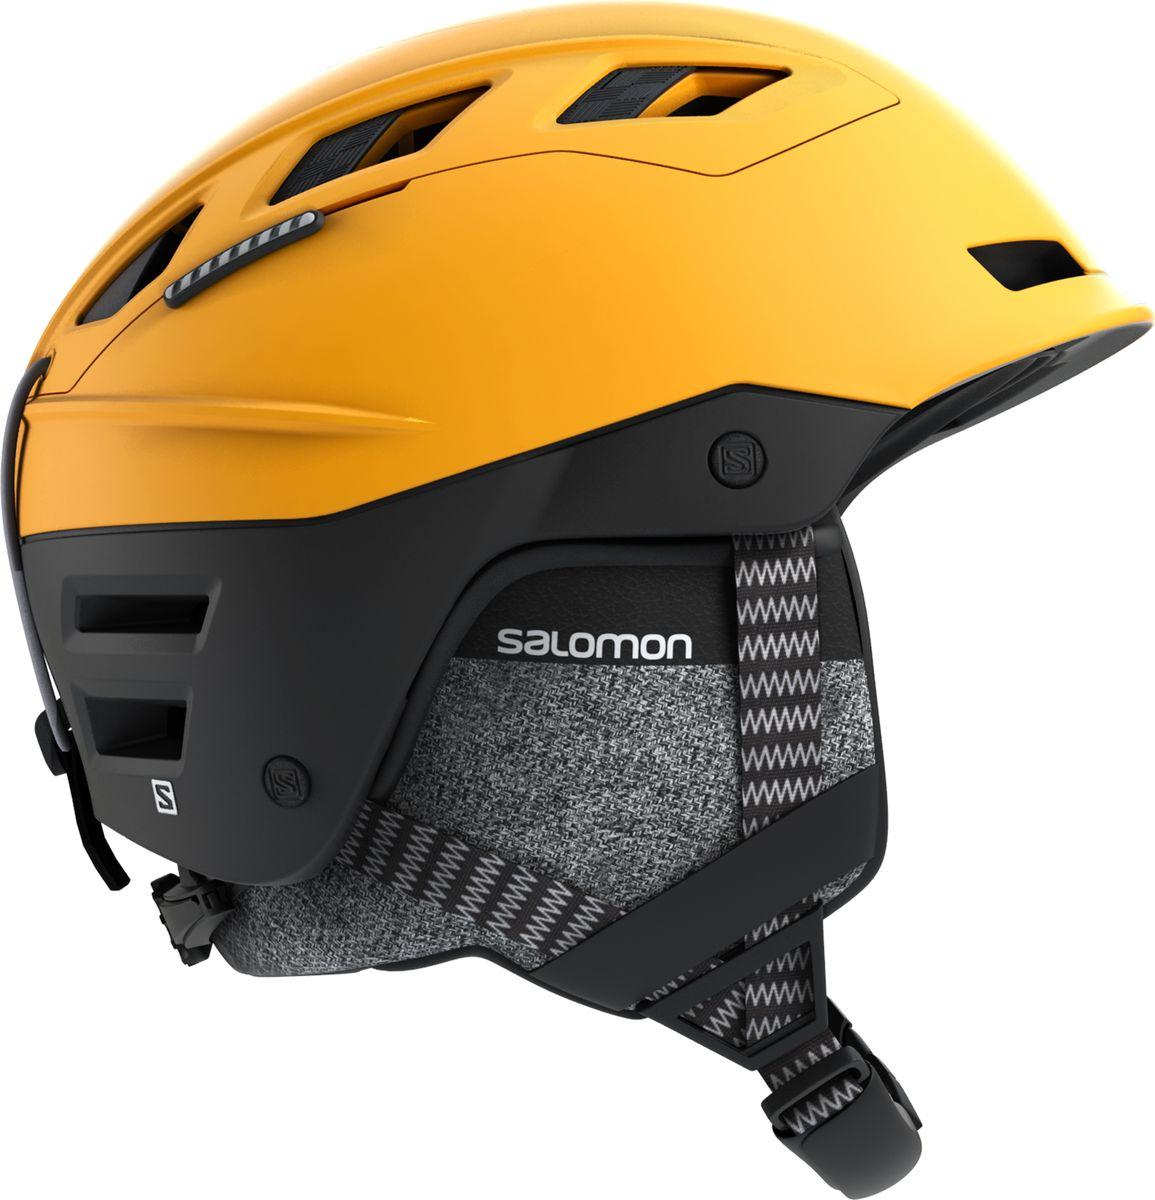 Шлем горнолыжный Salomon QST Charge, цвет: желтый. Размер L (59-62)